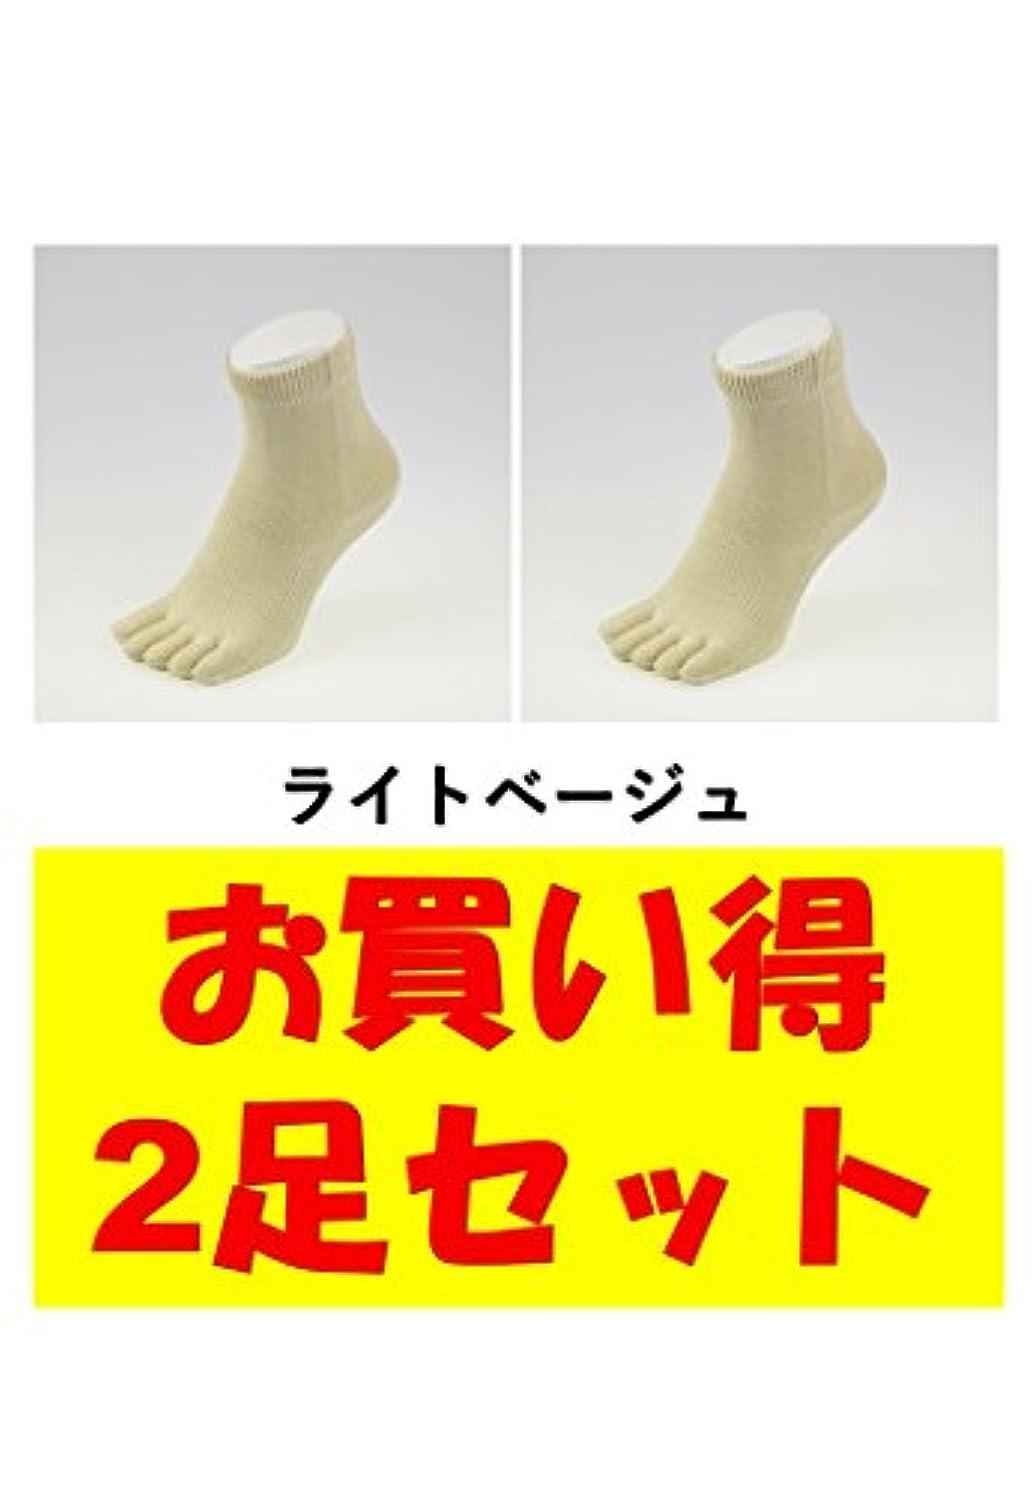 音声学バレエ自分のためにお買い得2足セット 5本指 ゆびのばソックス Neo EVE(イヴ) ライトベージュ iサイズ(23.5cm - 25.5cm) YSNEVE-BGE